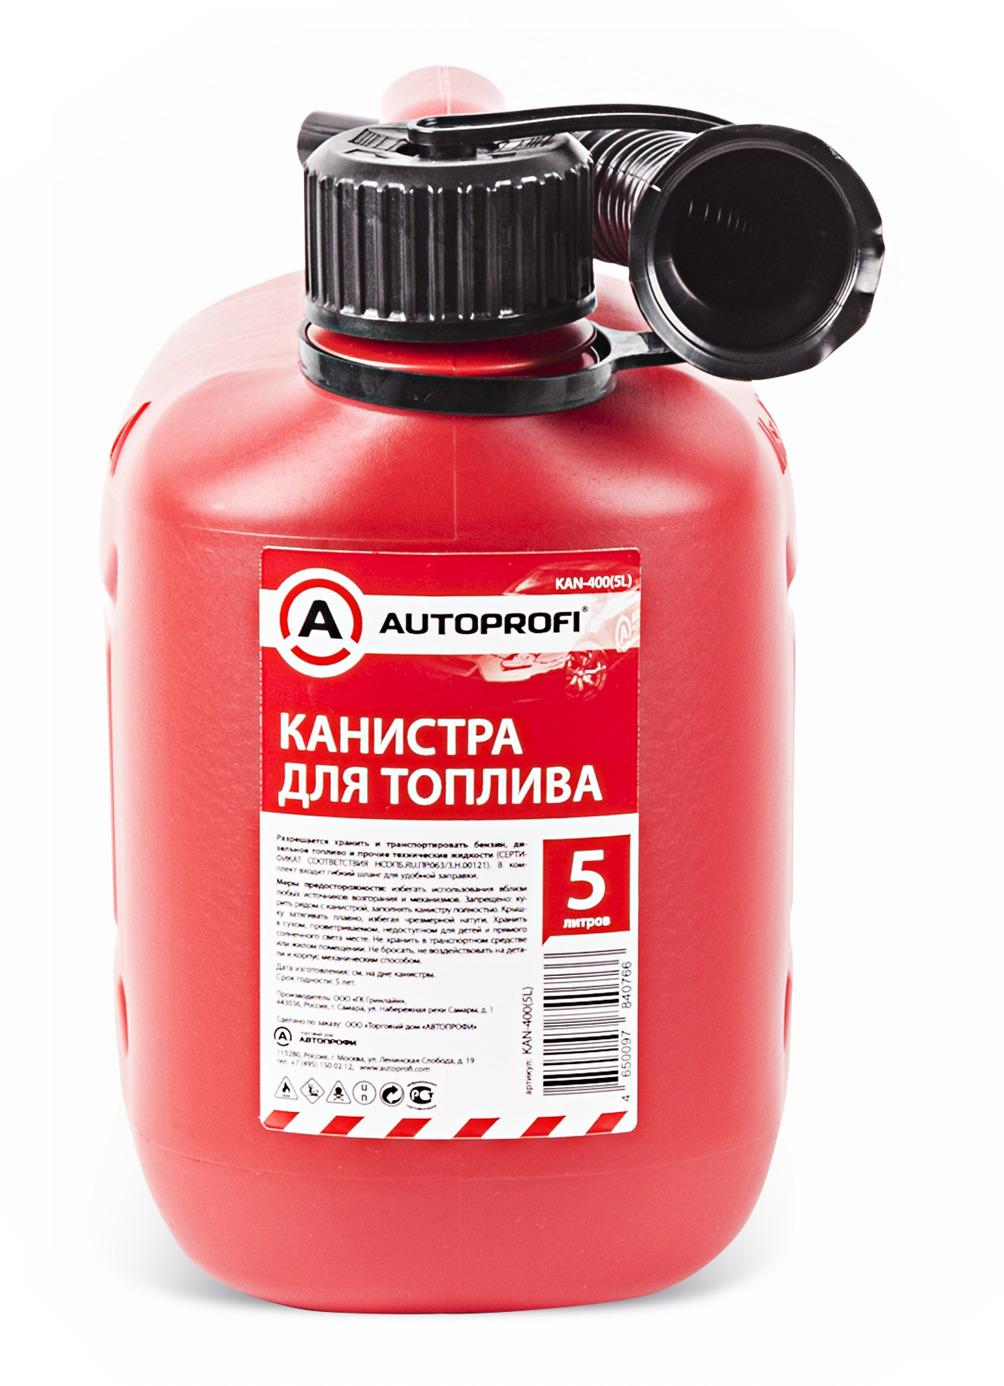 Канистра для ГСМ Autoprofi, вертикальная, съемная насадка-лейка, 5 л цена